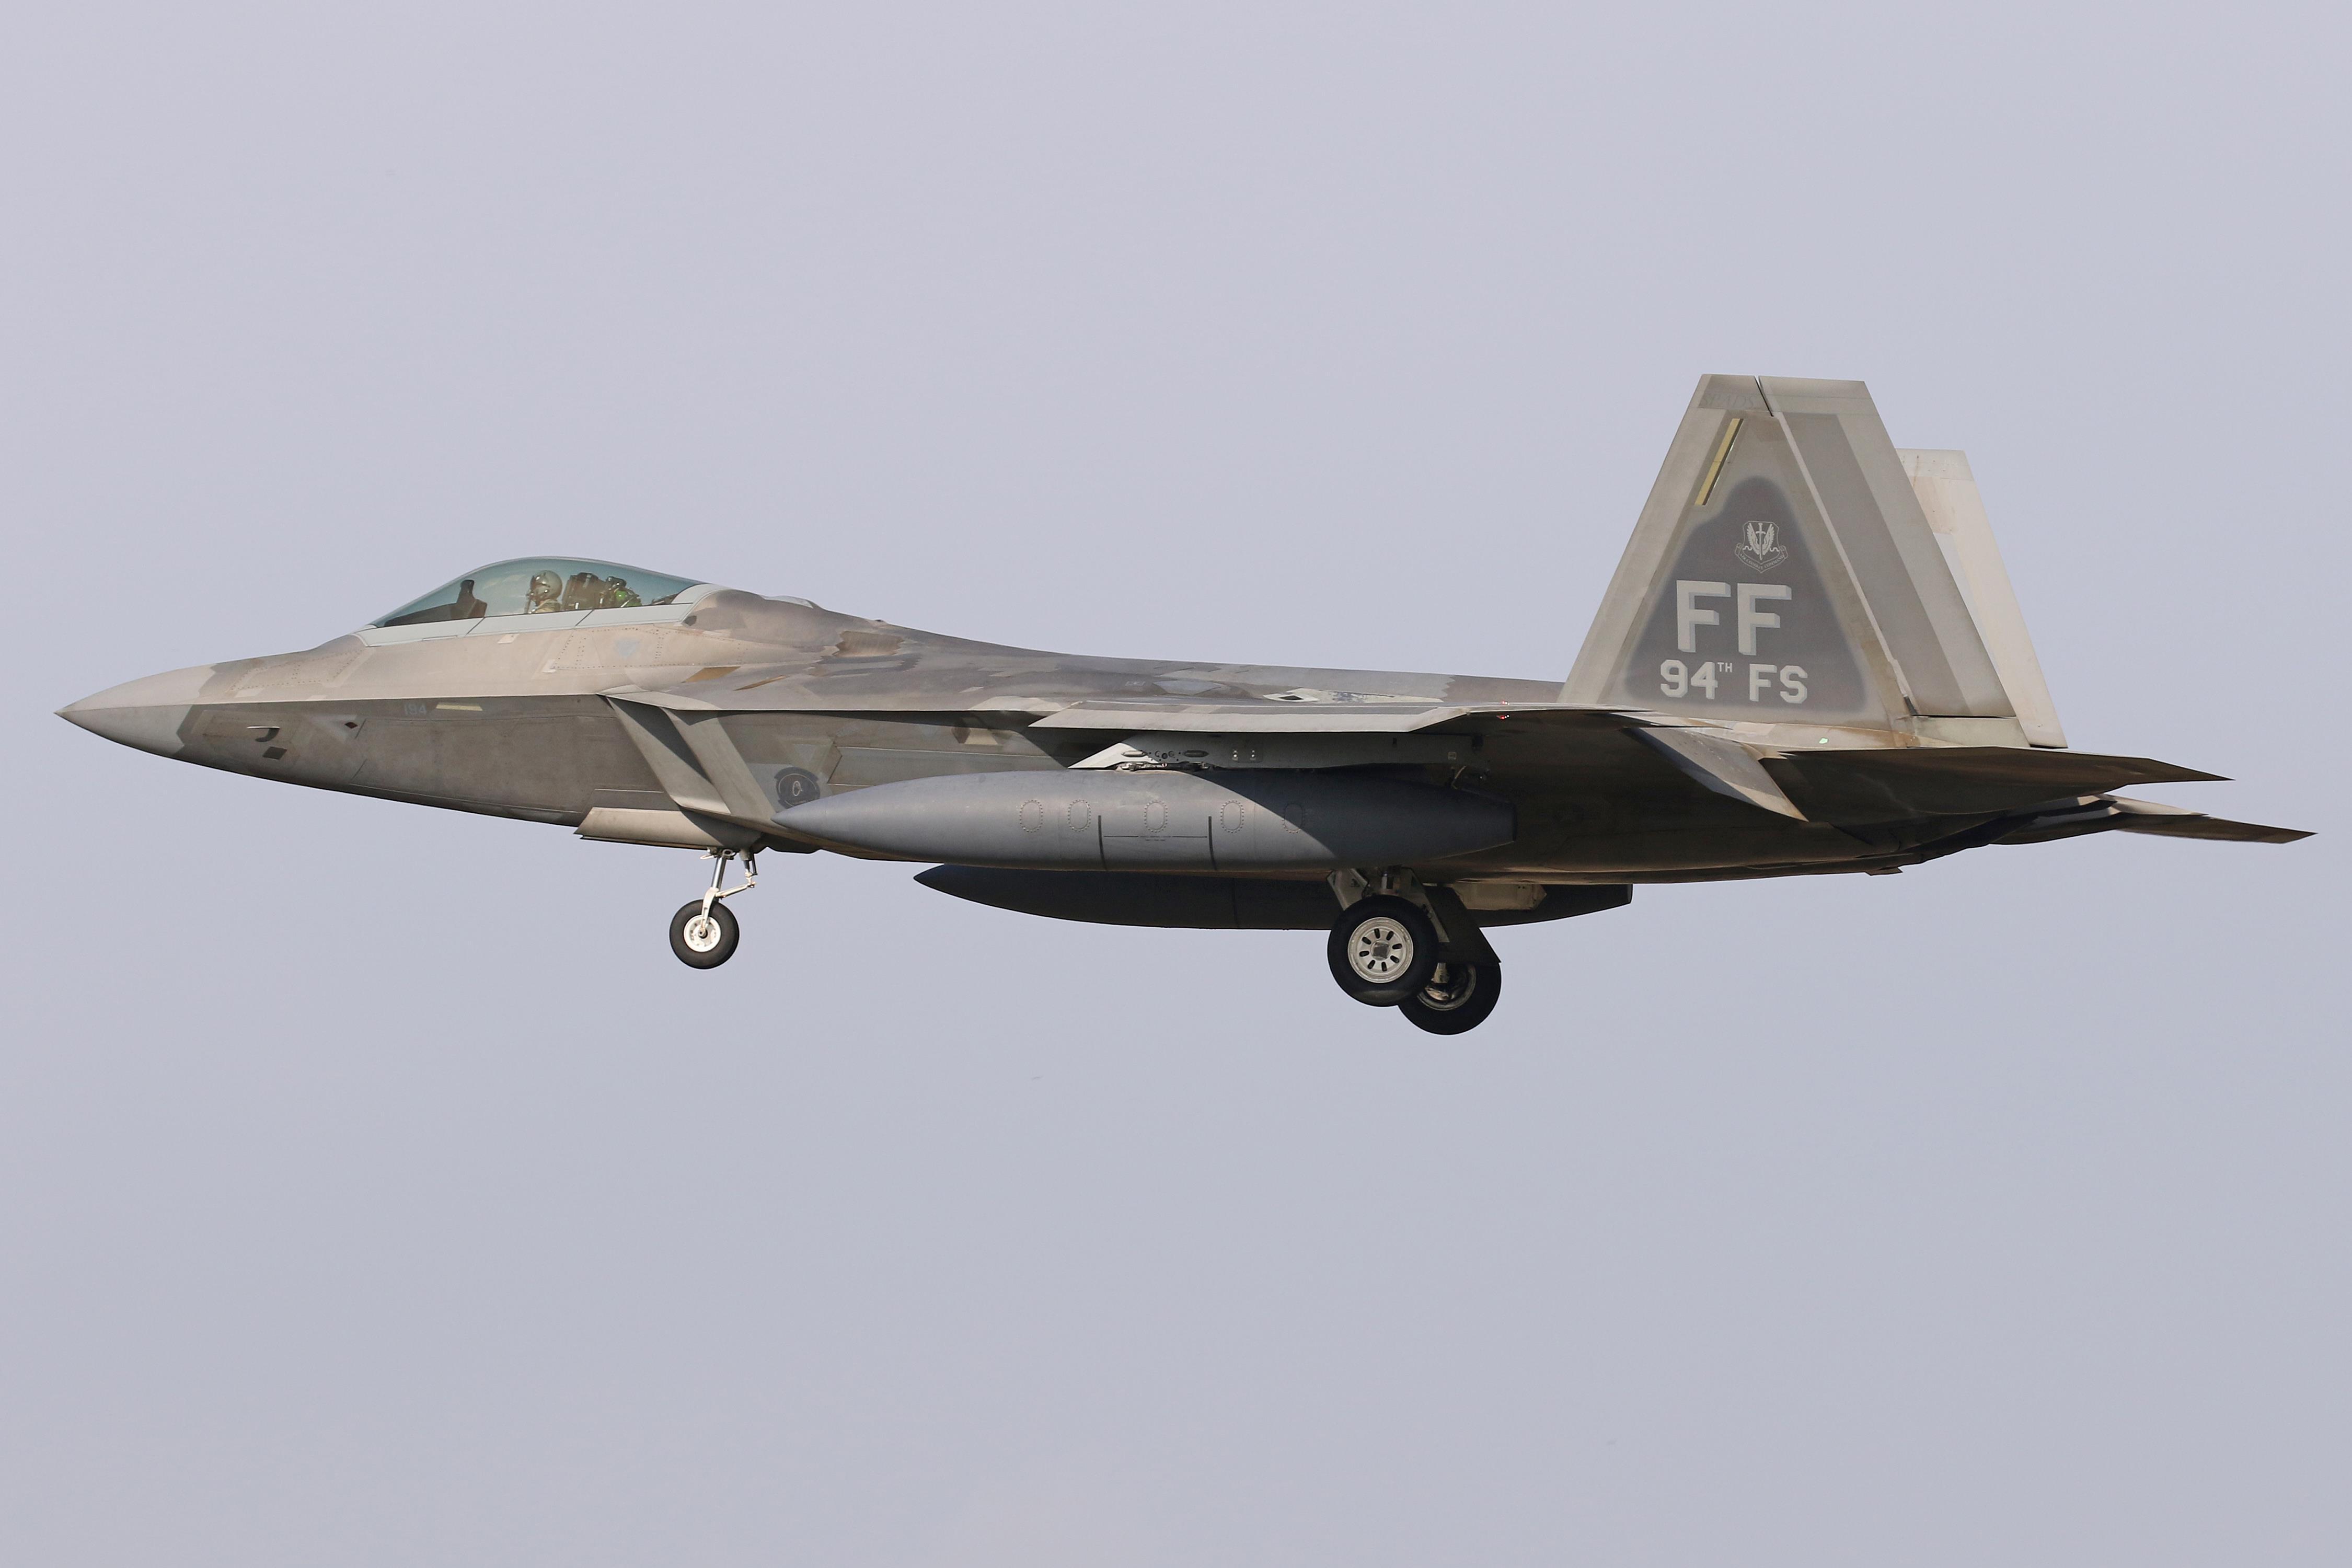 94 FS Deploy To RAF Lakenheath